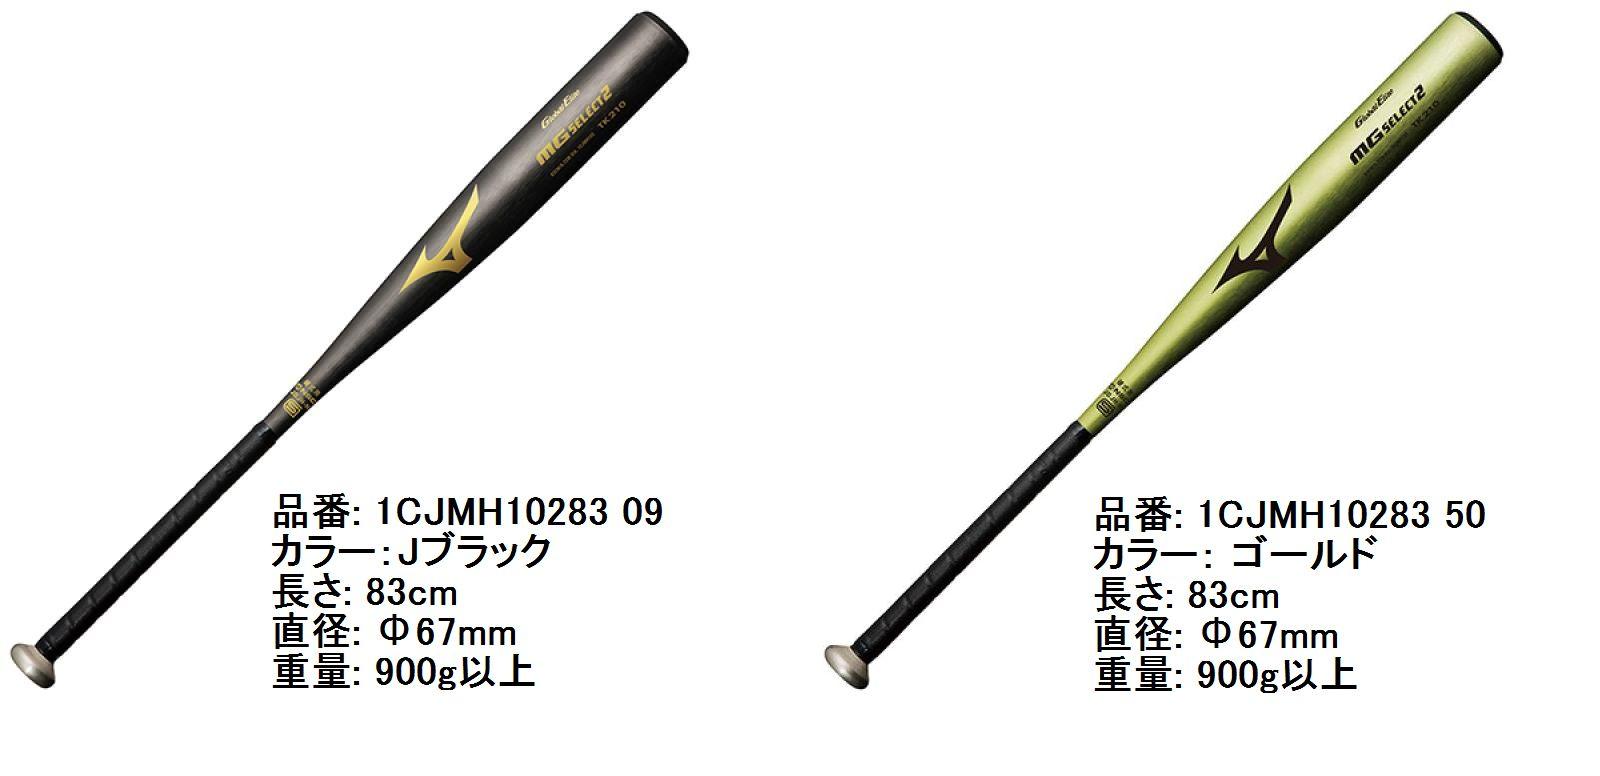 【Mizuno Global Elite=ミズノ・グローバルエリート】野球 硬式 金属製バット<MGセレクト2(金属製)>(83cm/900g以上/ミドルバランス)[Jブラック/ゴールド]